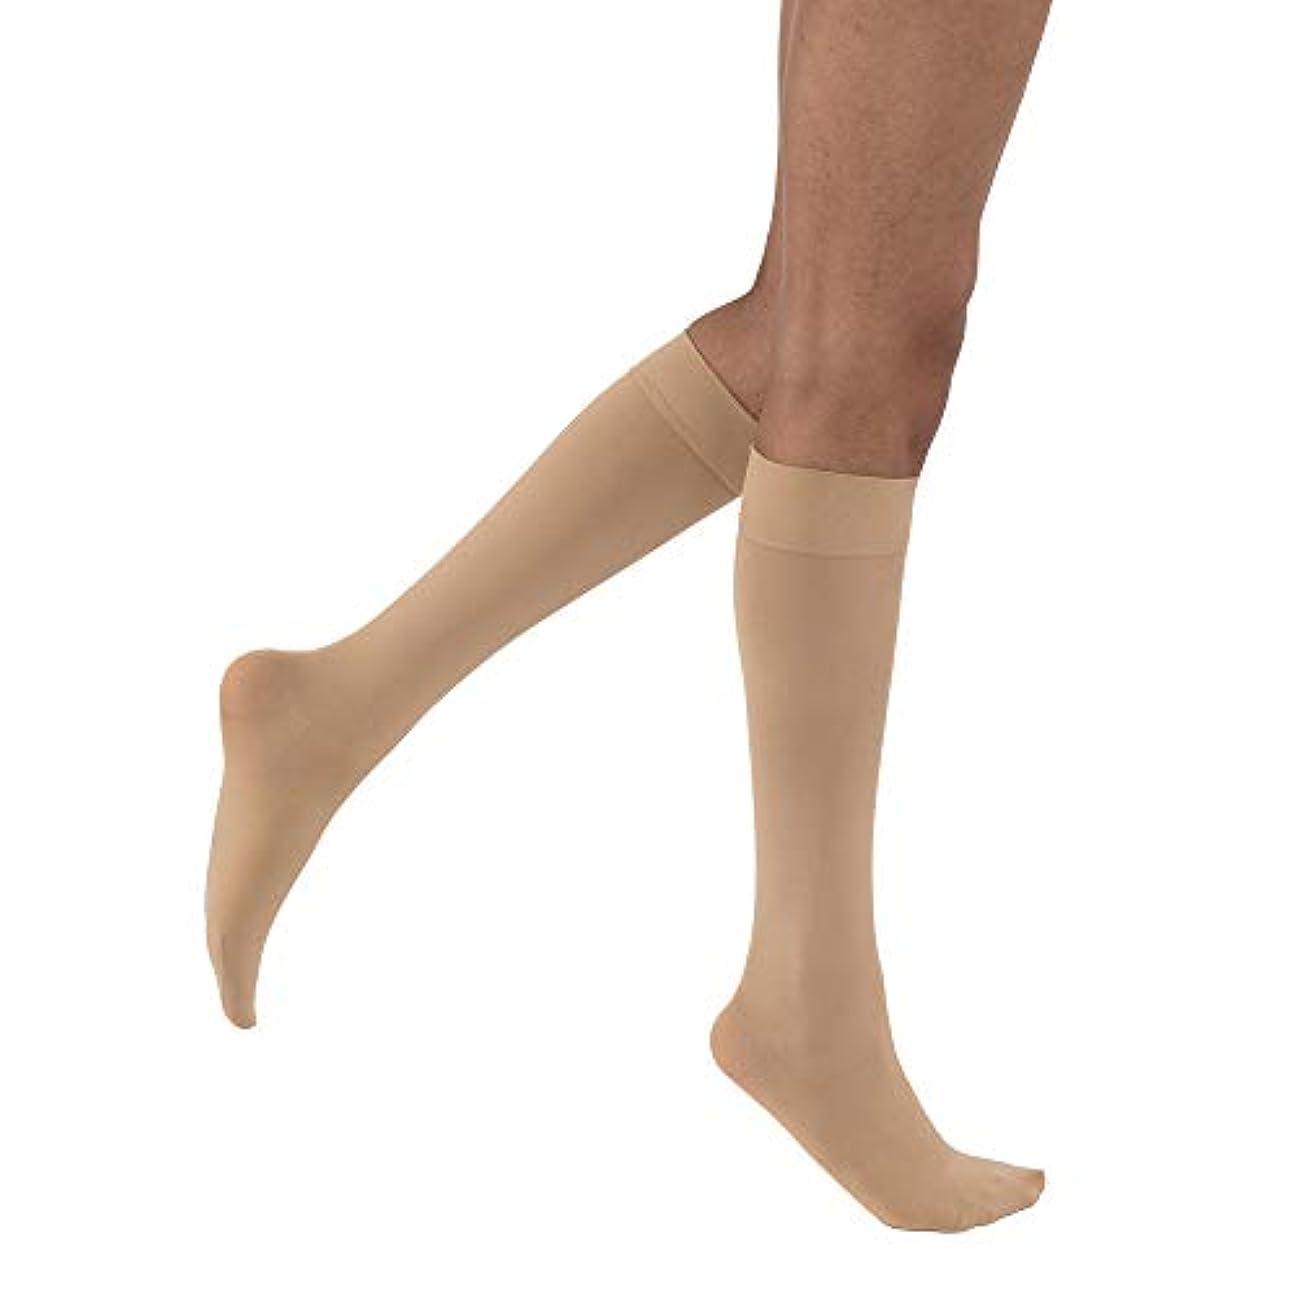 息苦しい免除する中絶Jobst 115212 Opaque Knee Highs 15-20 mmHg - Size & Color- Natural Small